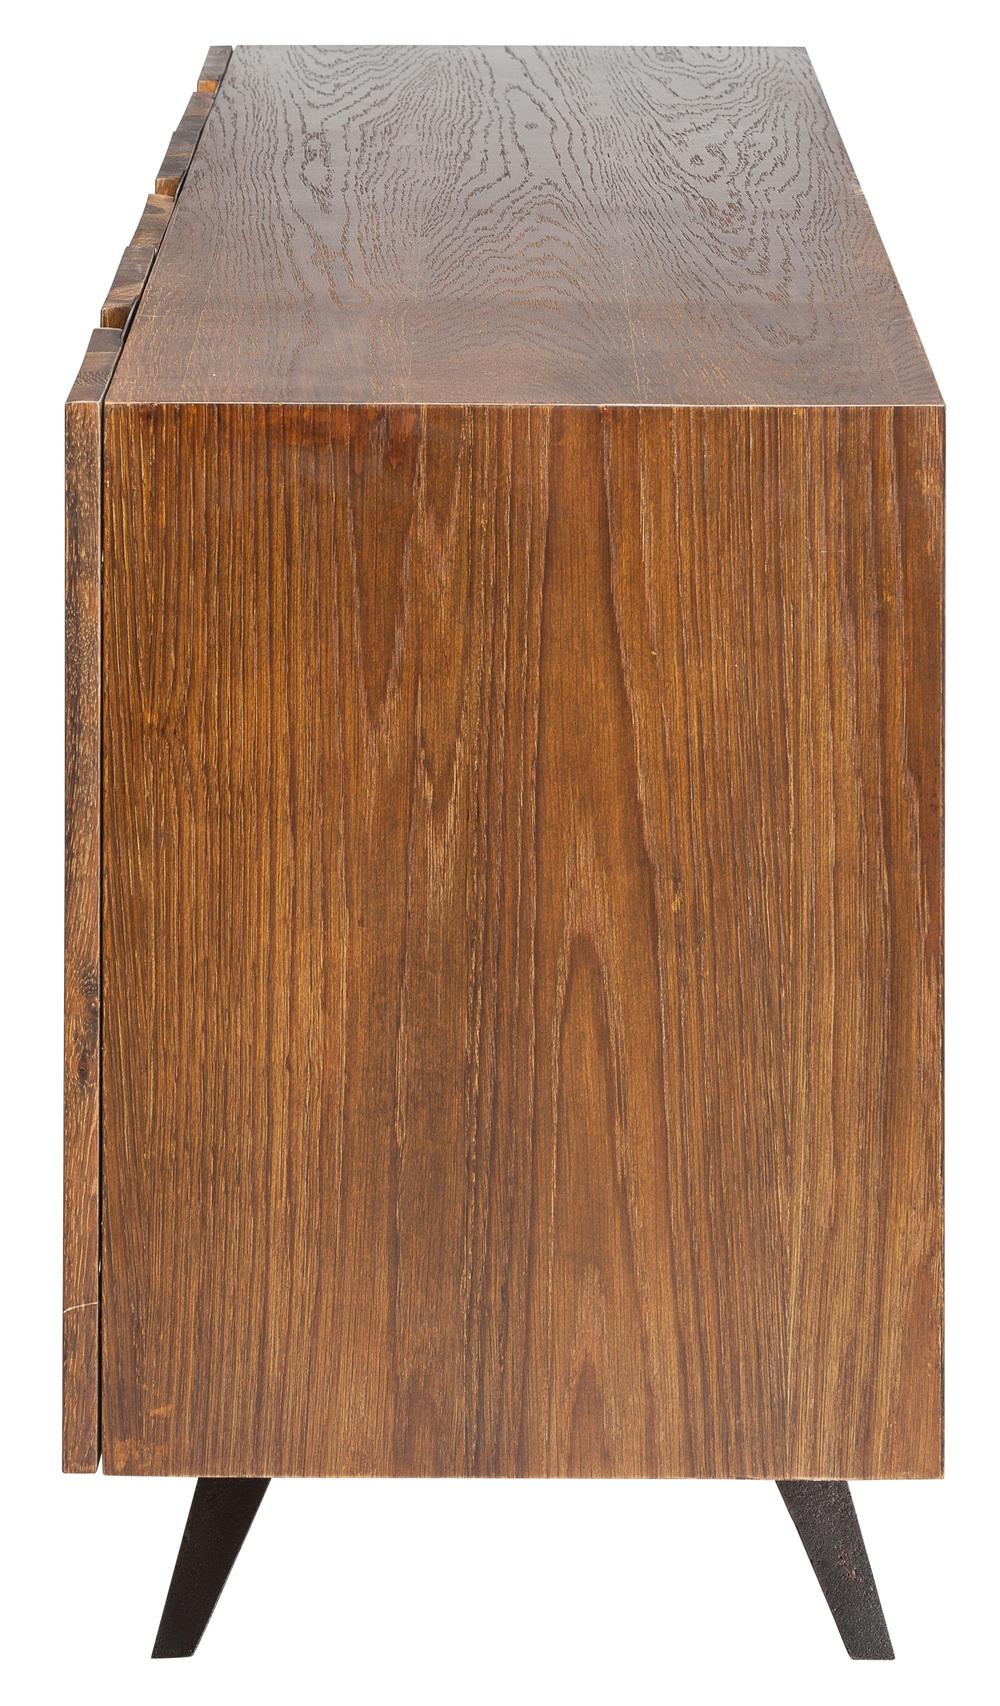 Nuevo - Vega Vertical Sideboard